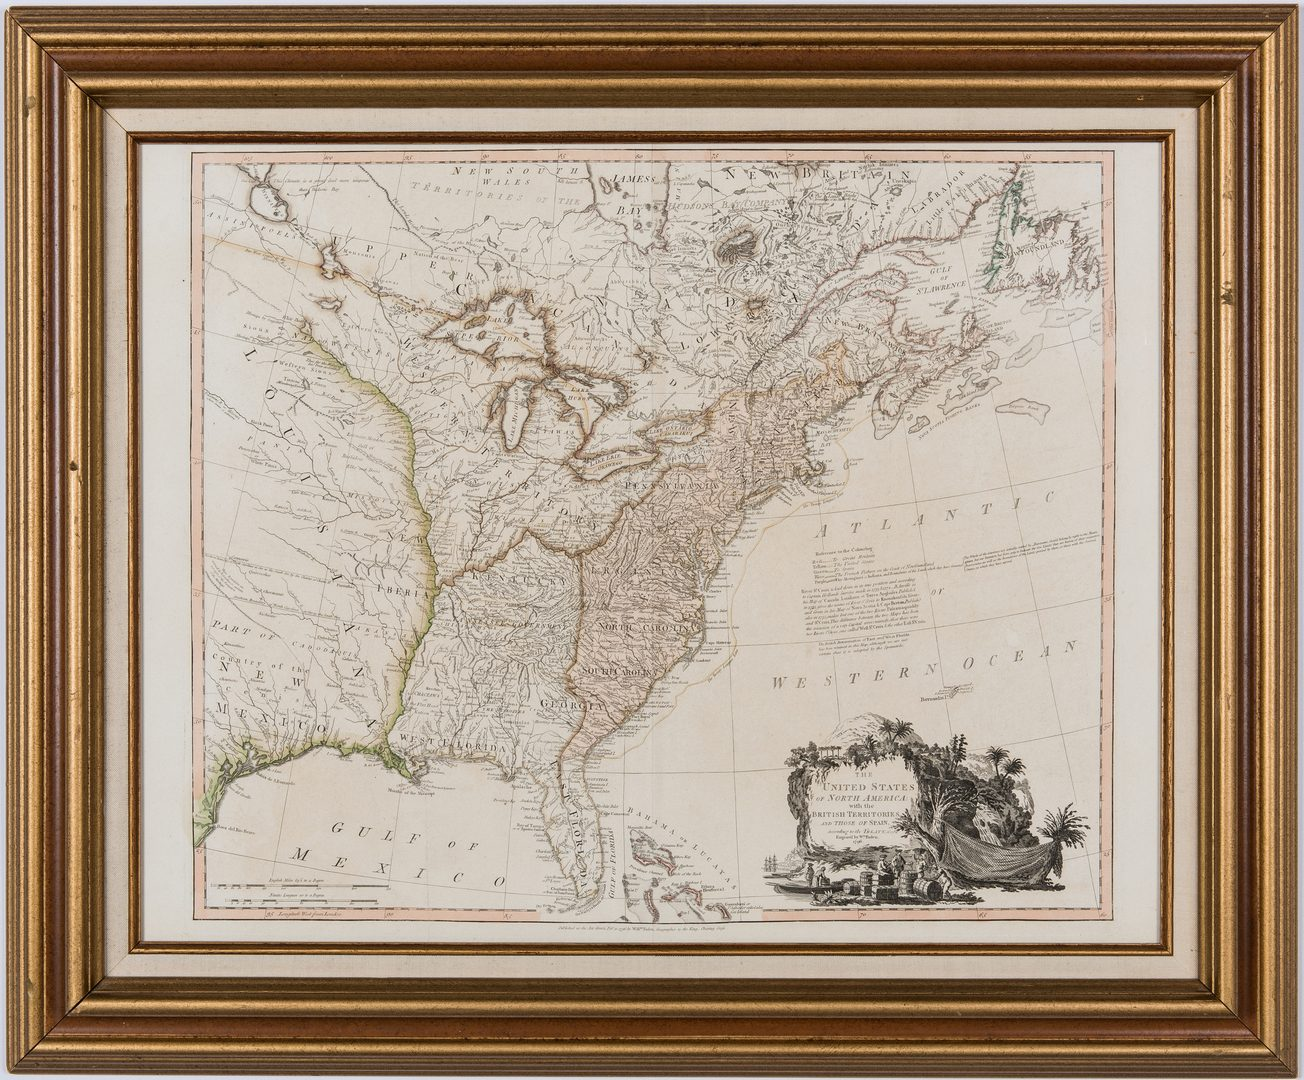 Lot 336: Faden N. America Map, 1796, Franklinia